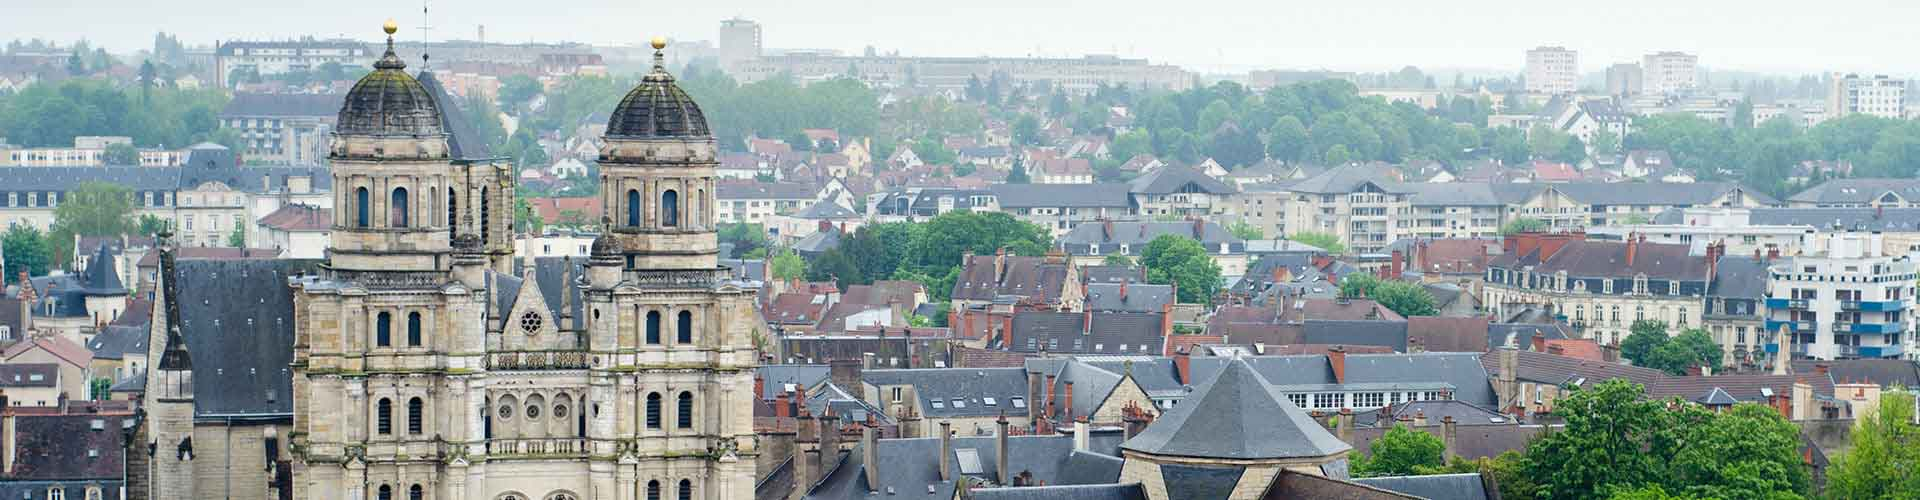 Dijon - Apartamentos en Dijon. Mapas de Dijon, Fotos y comentarios de cada Apartamento en Dijon.